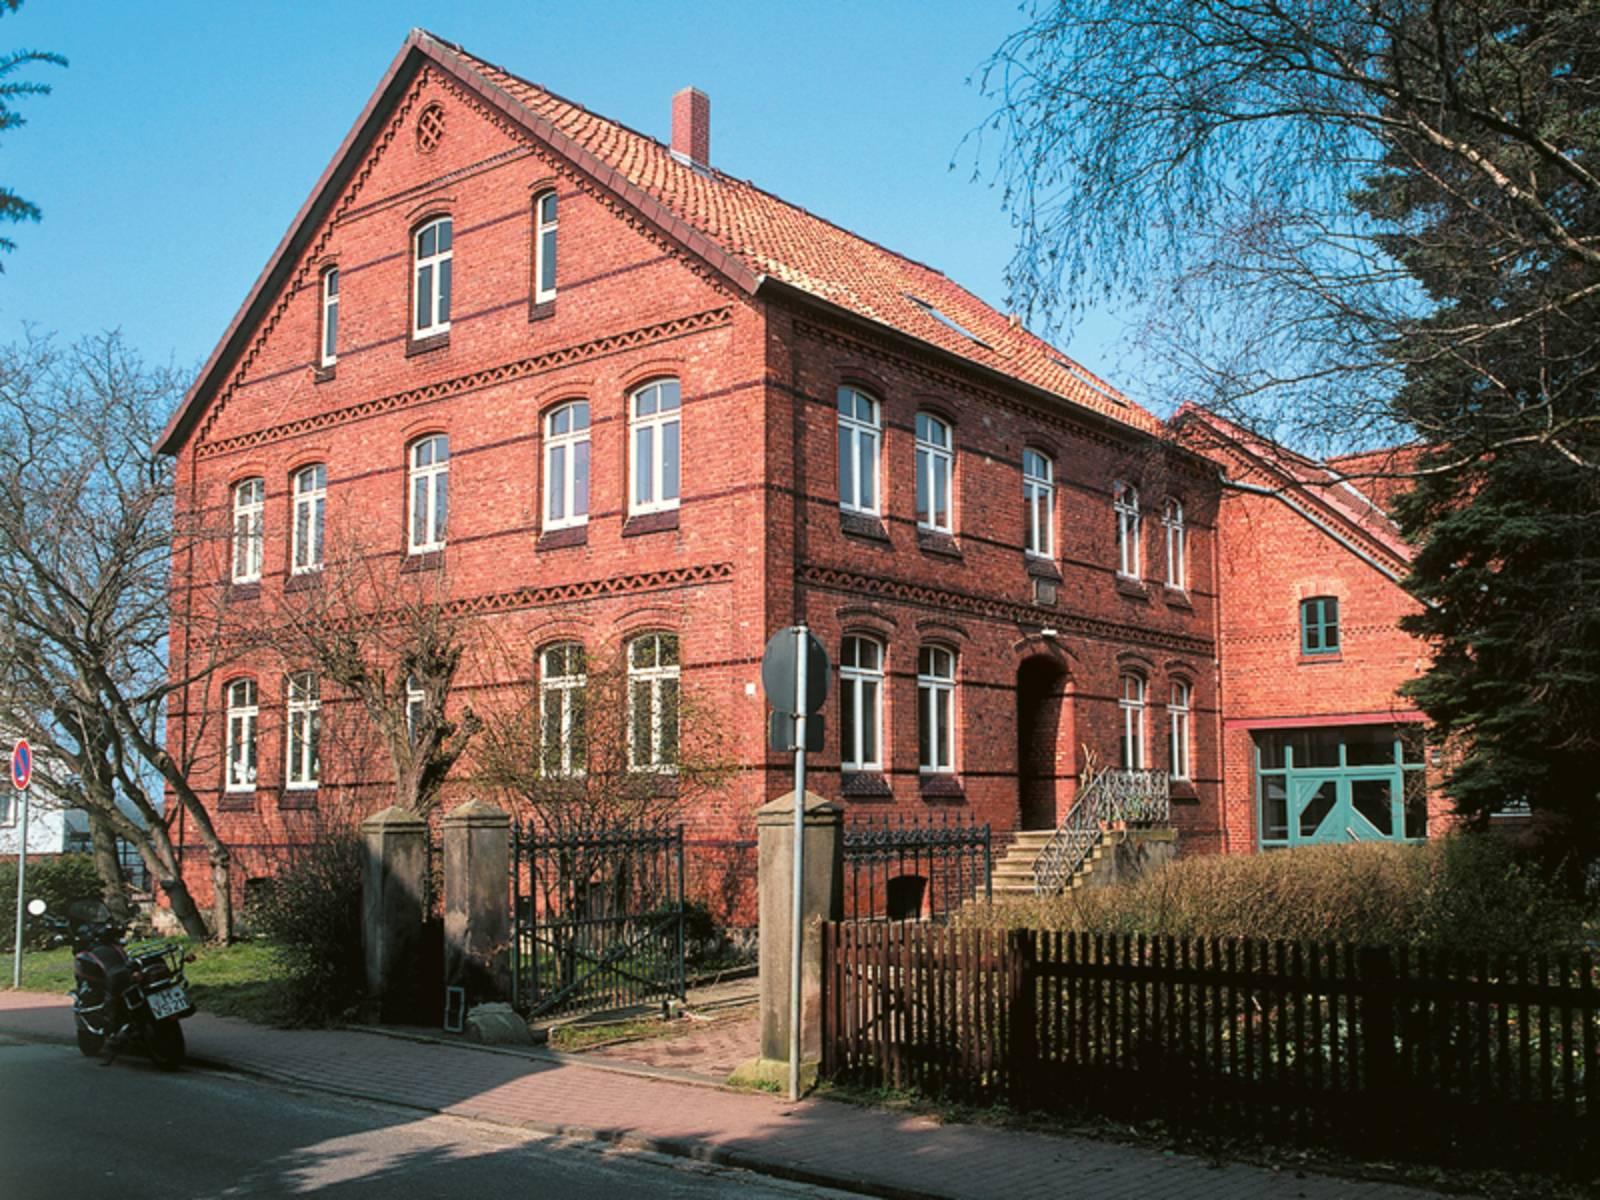 Älteres Gebäude aus rotem Backstein